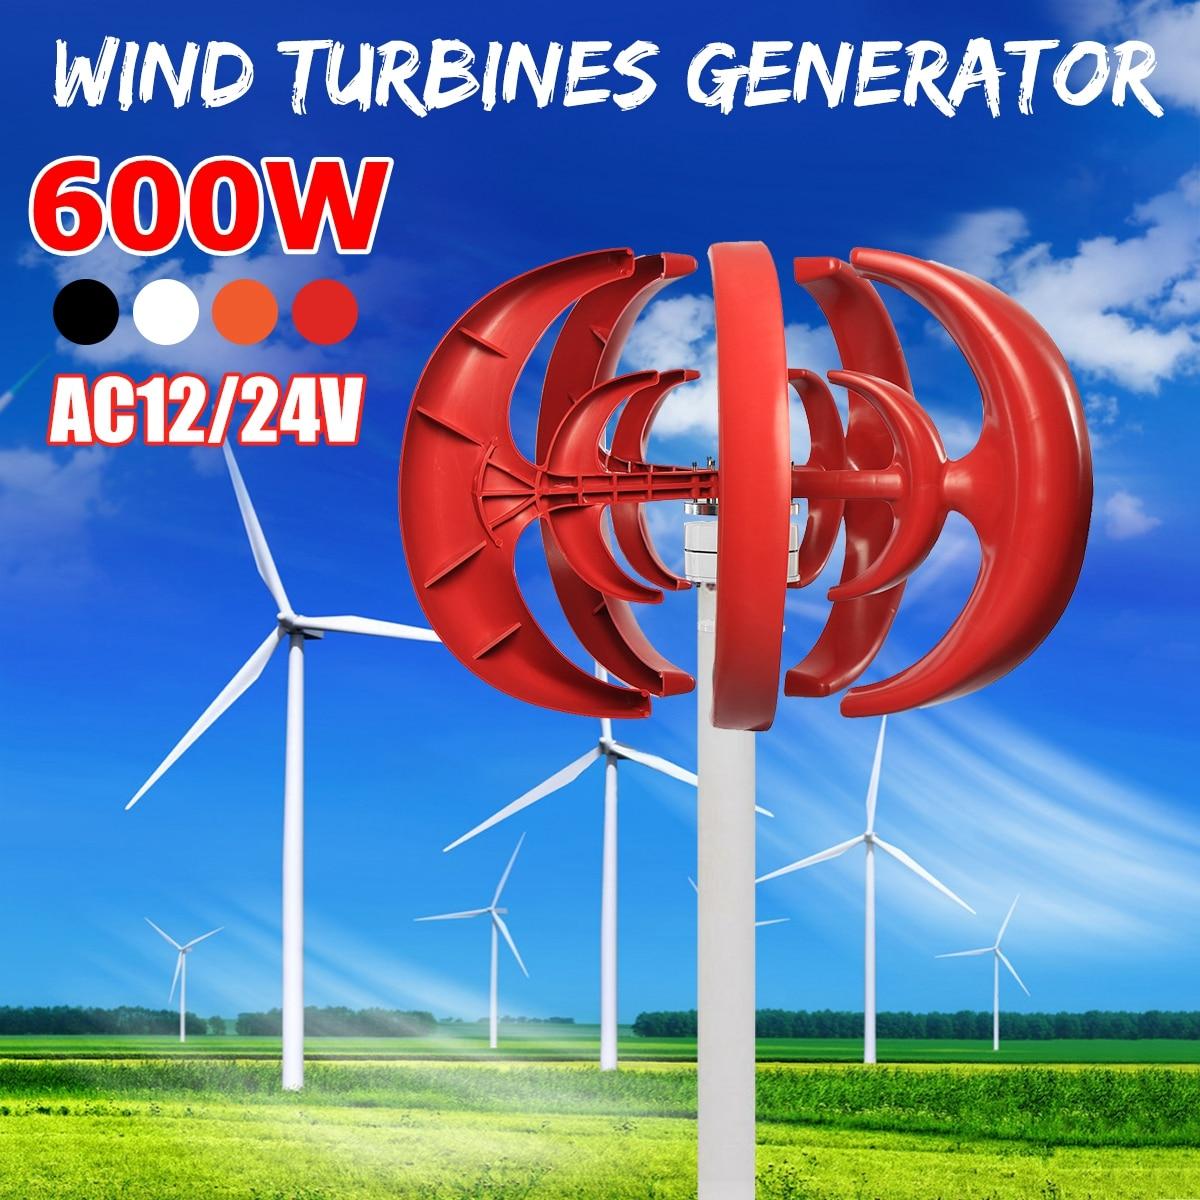 Max 600 Вт AC 12 В в В 24 ветряной генератор фонари 5 лопасти и двигатель комплект вертикальной оси для дома Гибридный фонарь применение